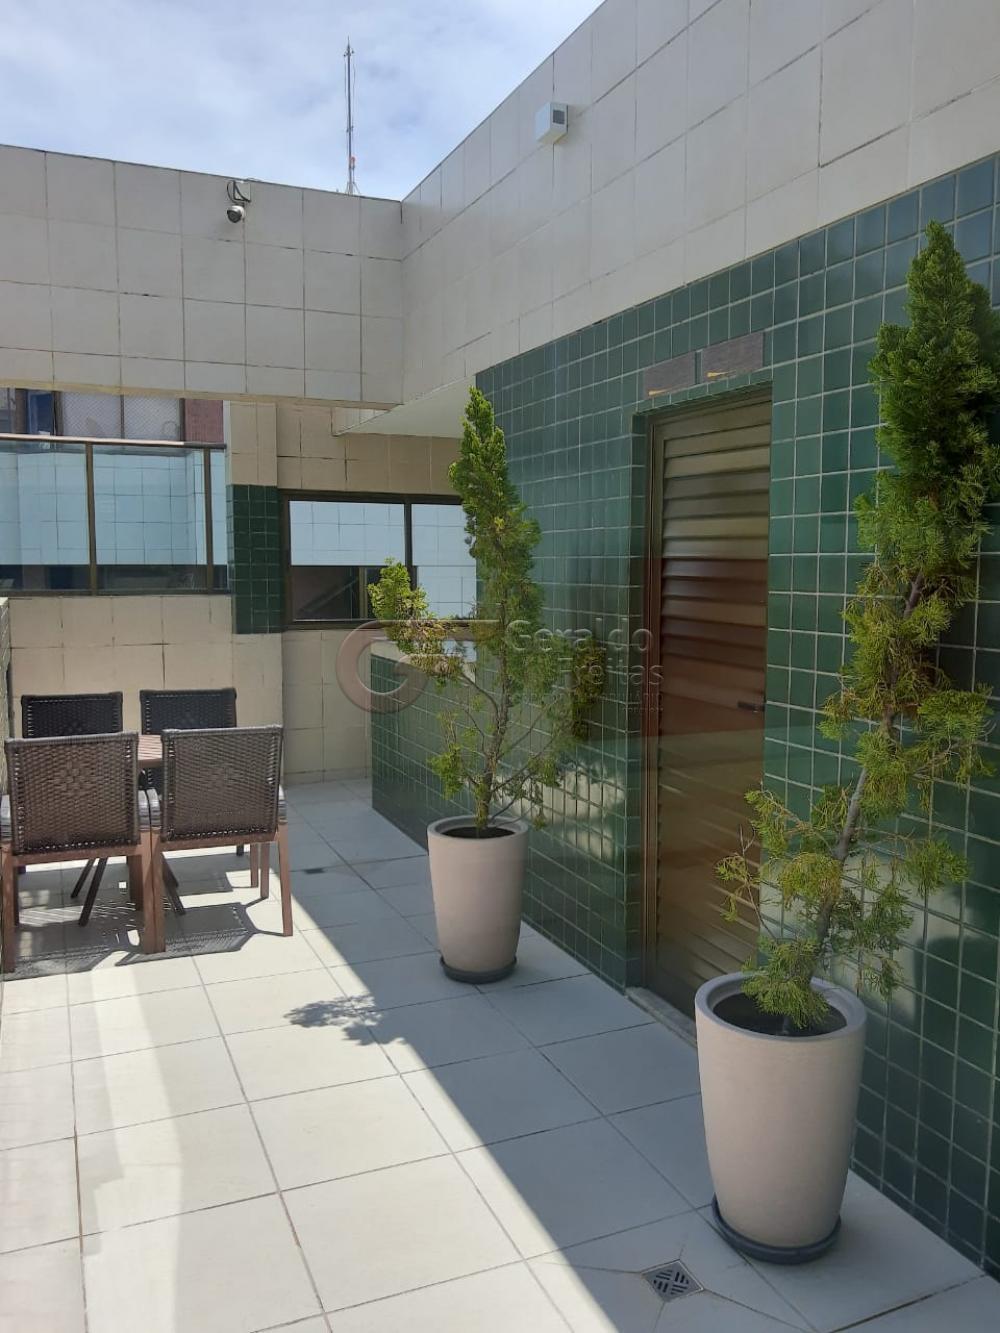 Comprar Apartamentos / Padrão em Maceió apenas R$ 350.000,00 - Foto 18